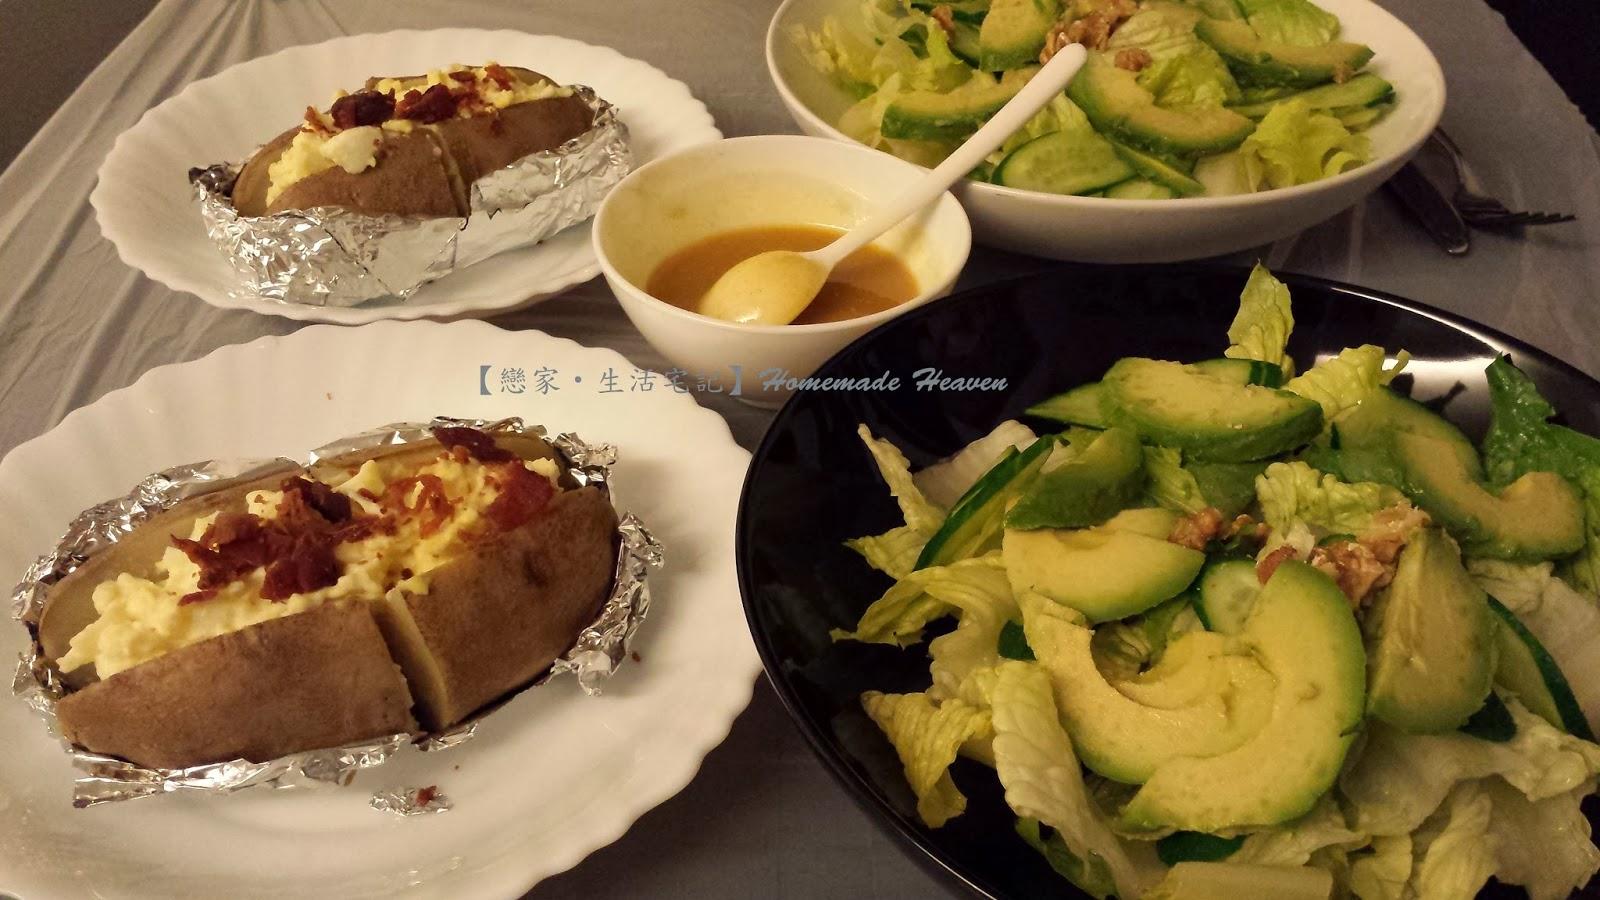 【戀家‧生活宅記】Homemade Heaven: 煙肉碎蛋焗薯+牛油果青瓜沙律配蜜糖芥末醬 (附食譜)